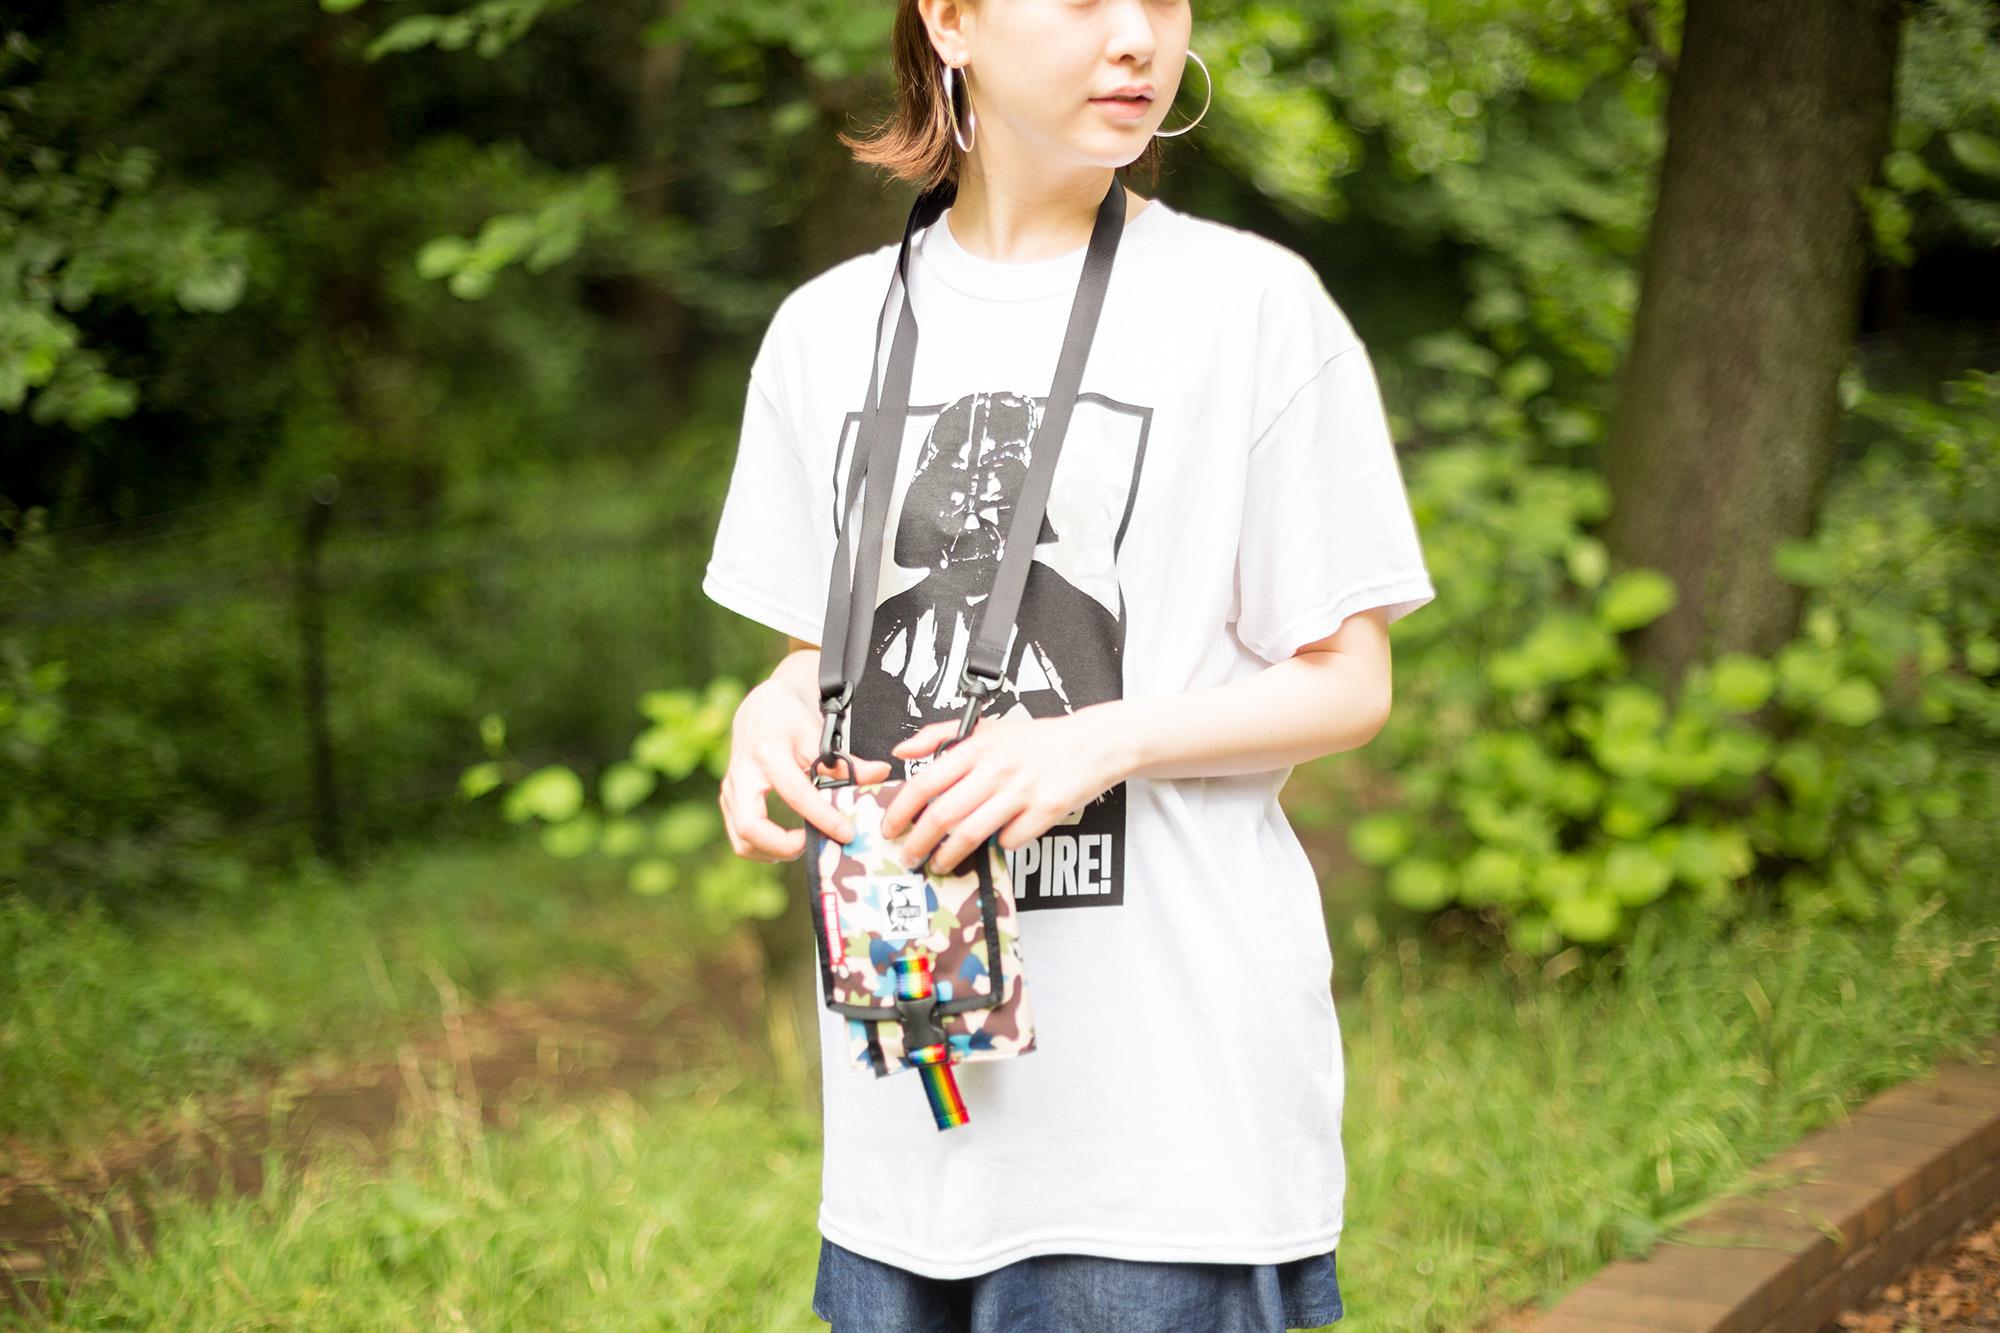 【フェスファッション】フジロックにも着ていきたい!2016年、夏フェスコーデ R7A3550